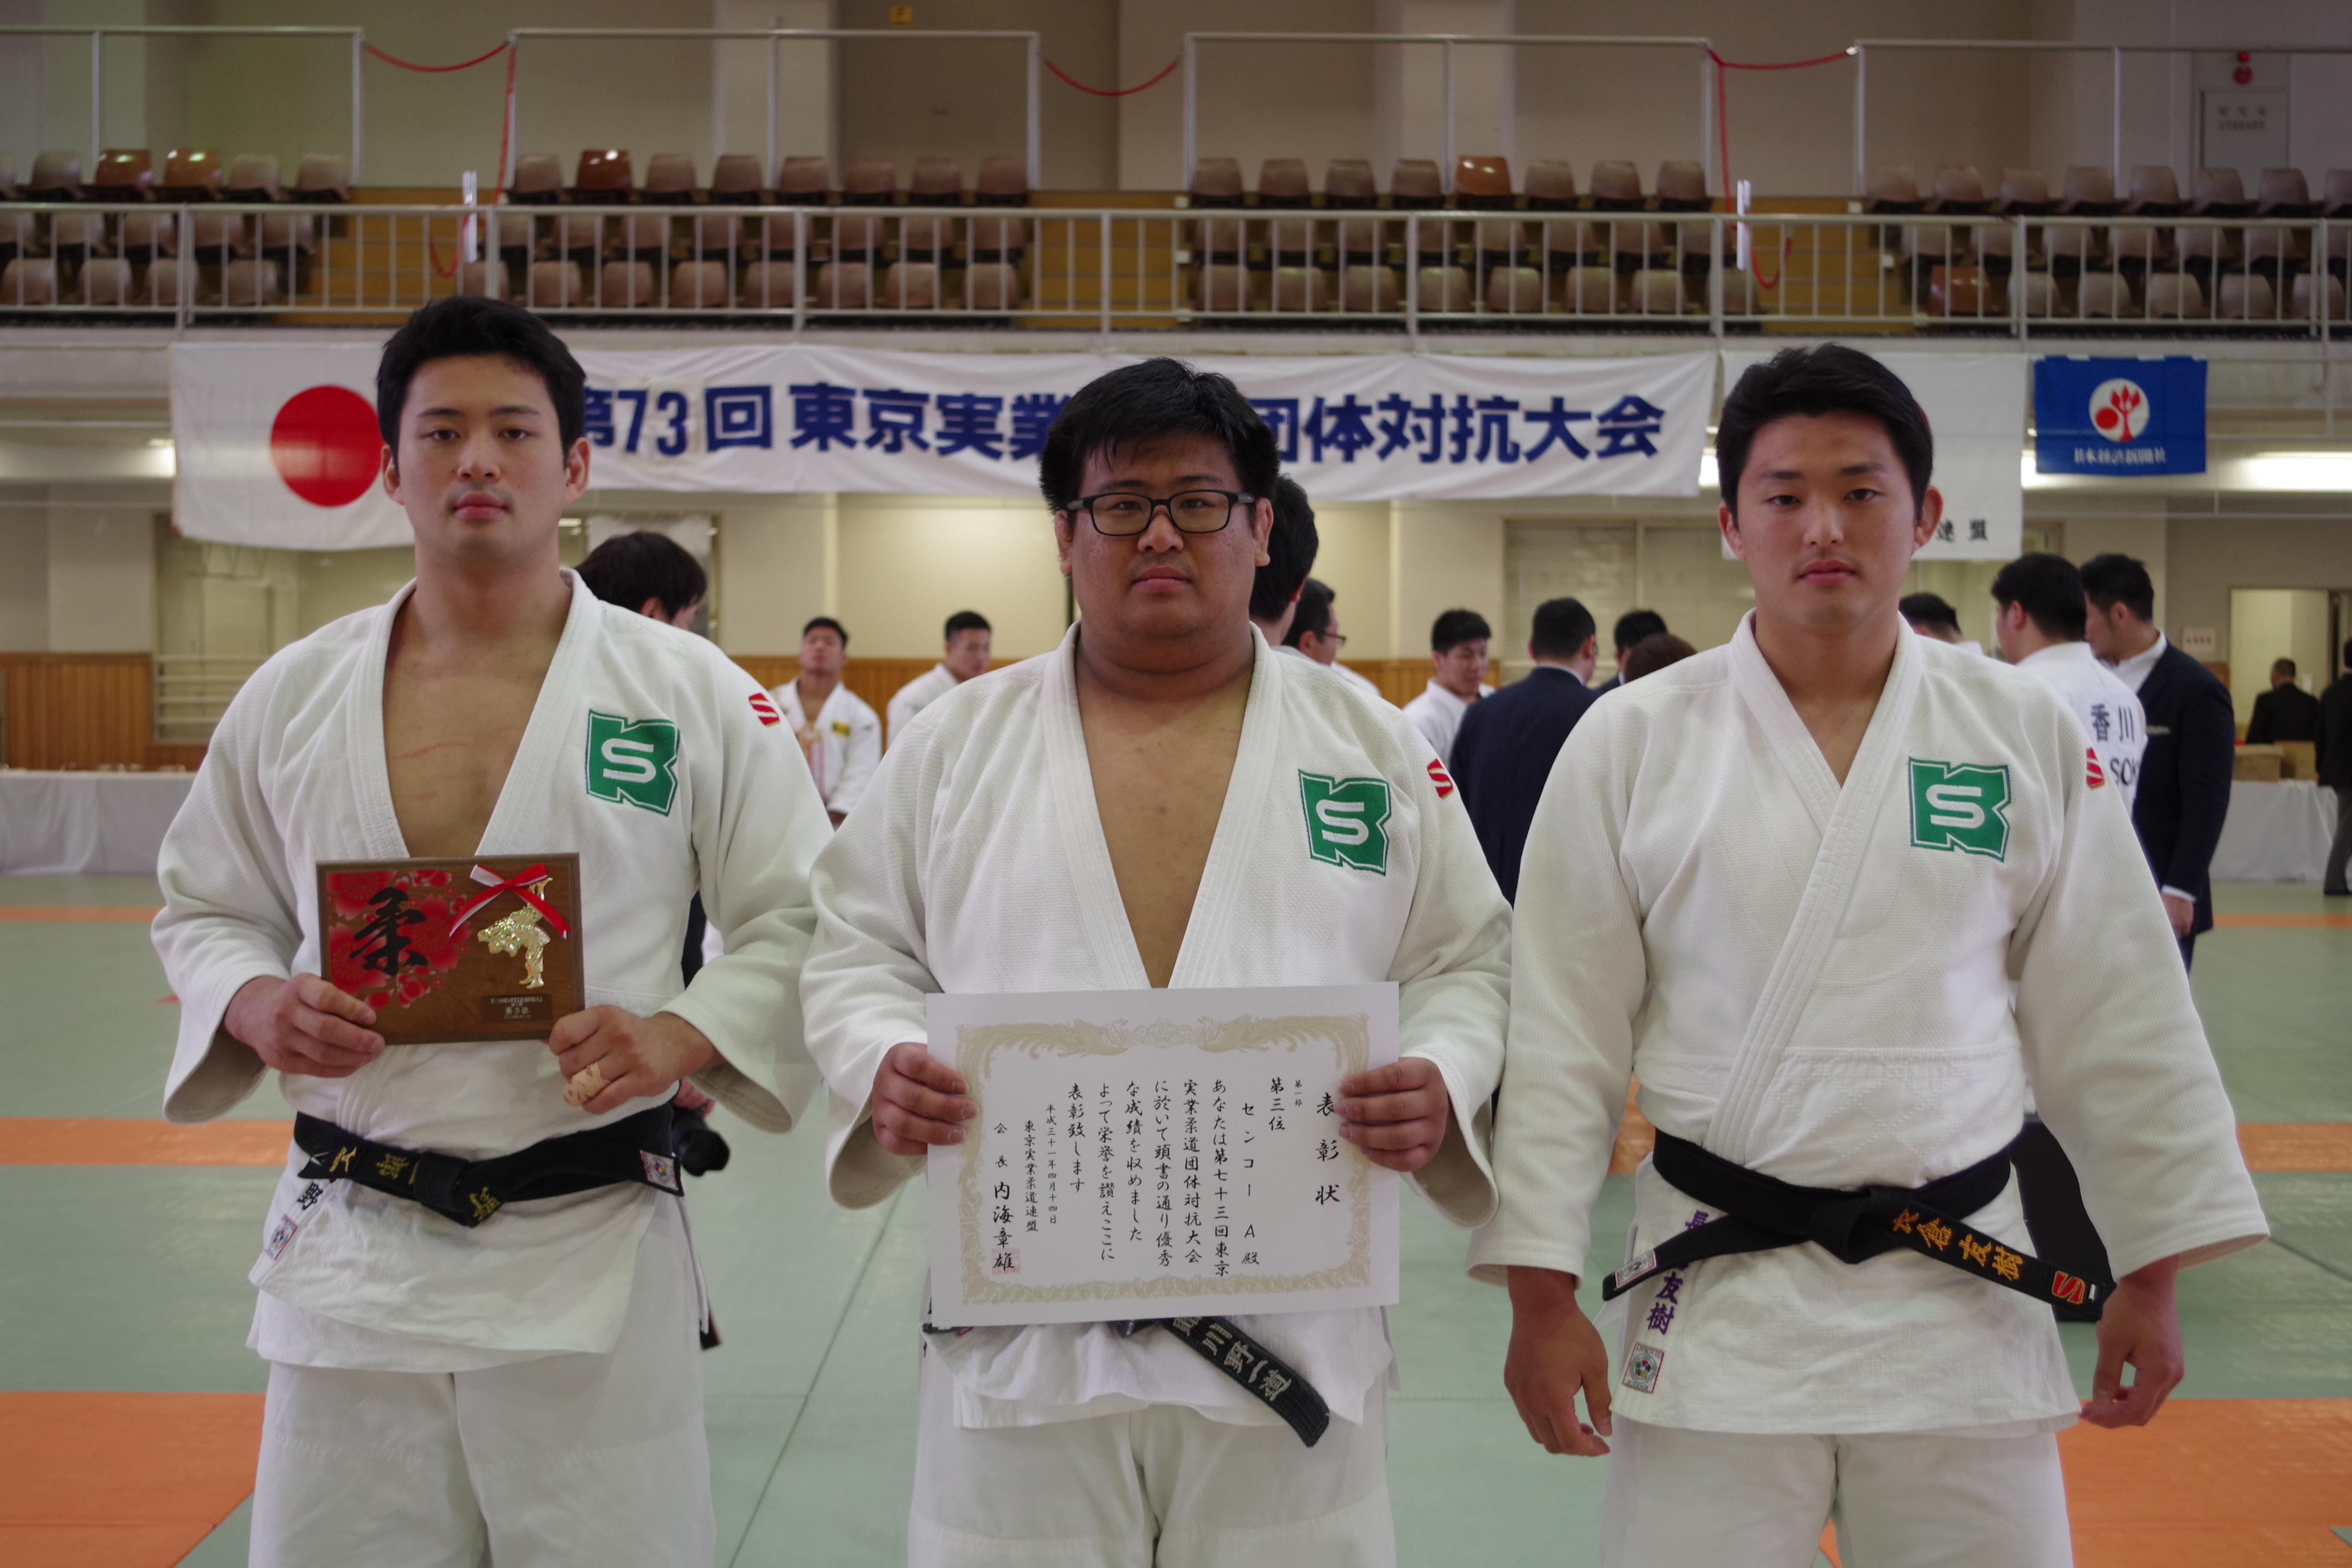 第73回 東京実業柔道団体対抗大会